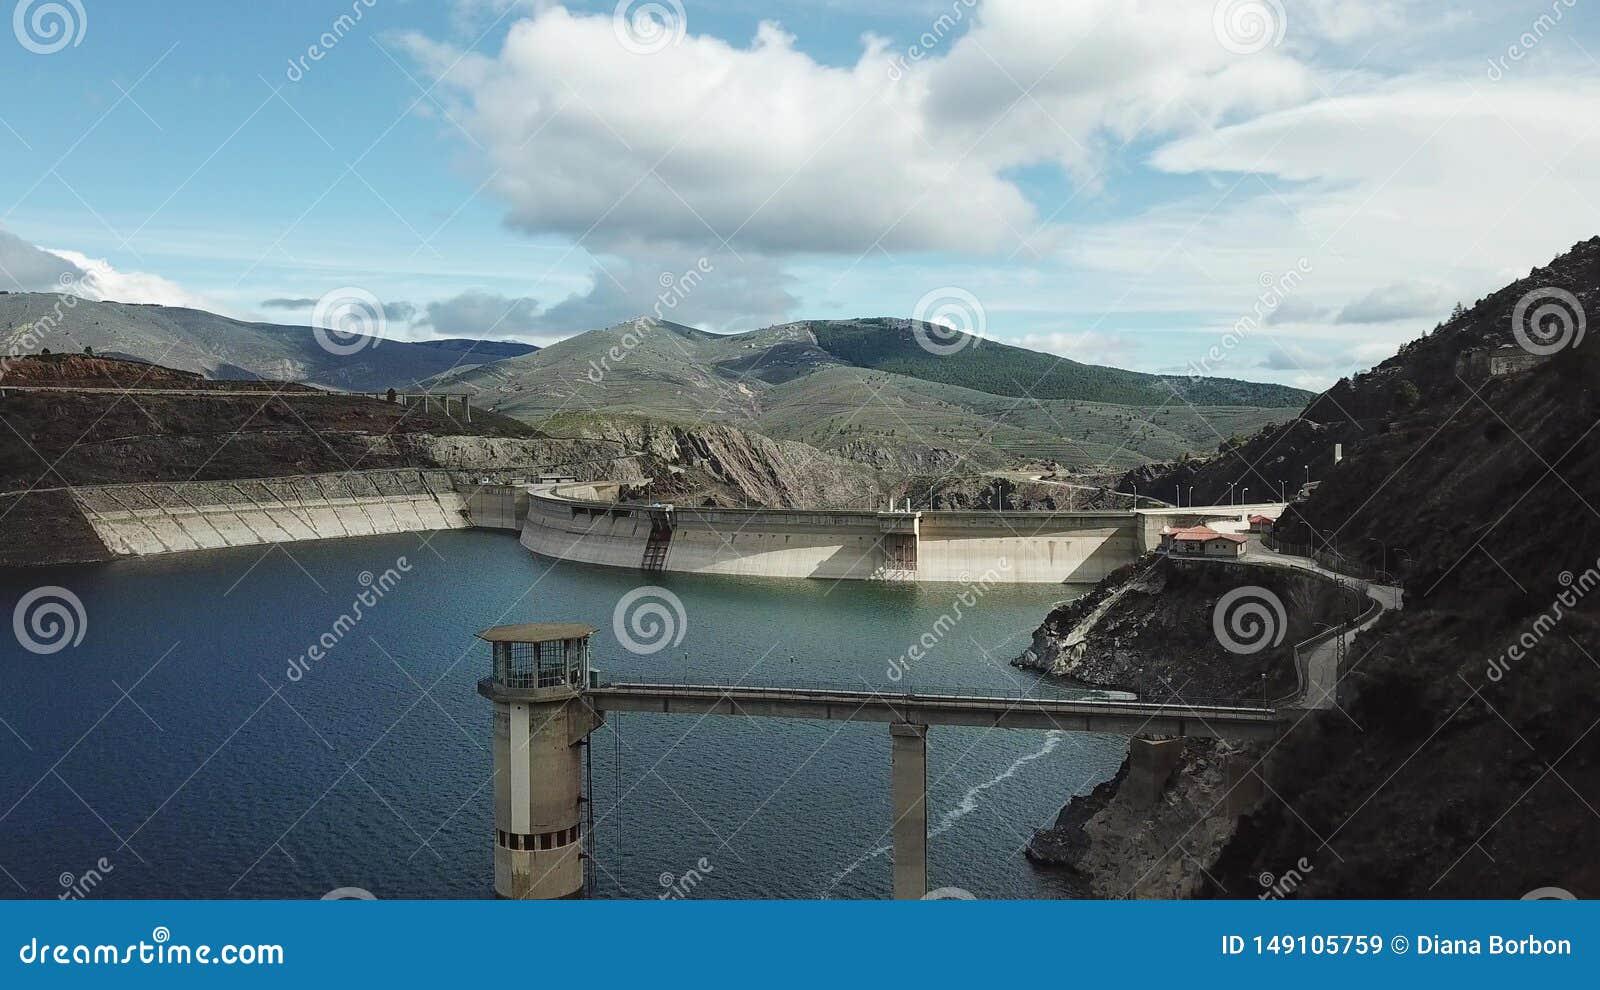 Hommelmening van Atazar Reservoir, Madrid, Spanje